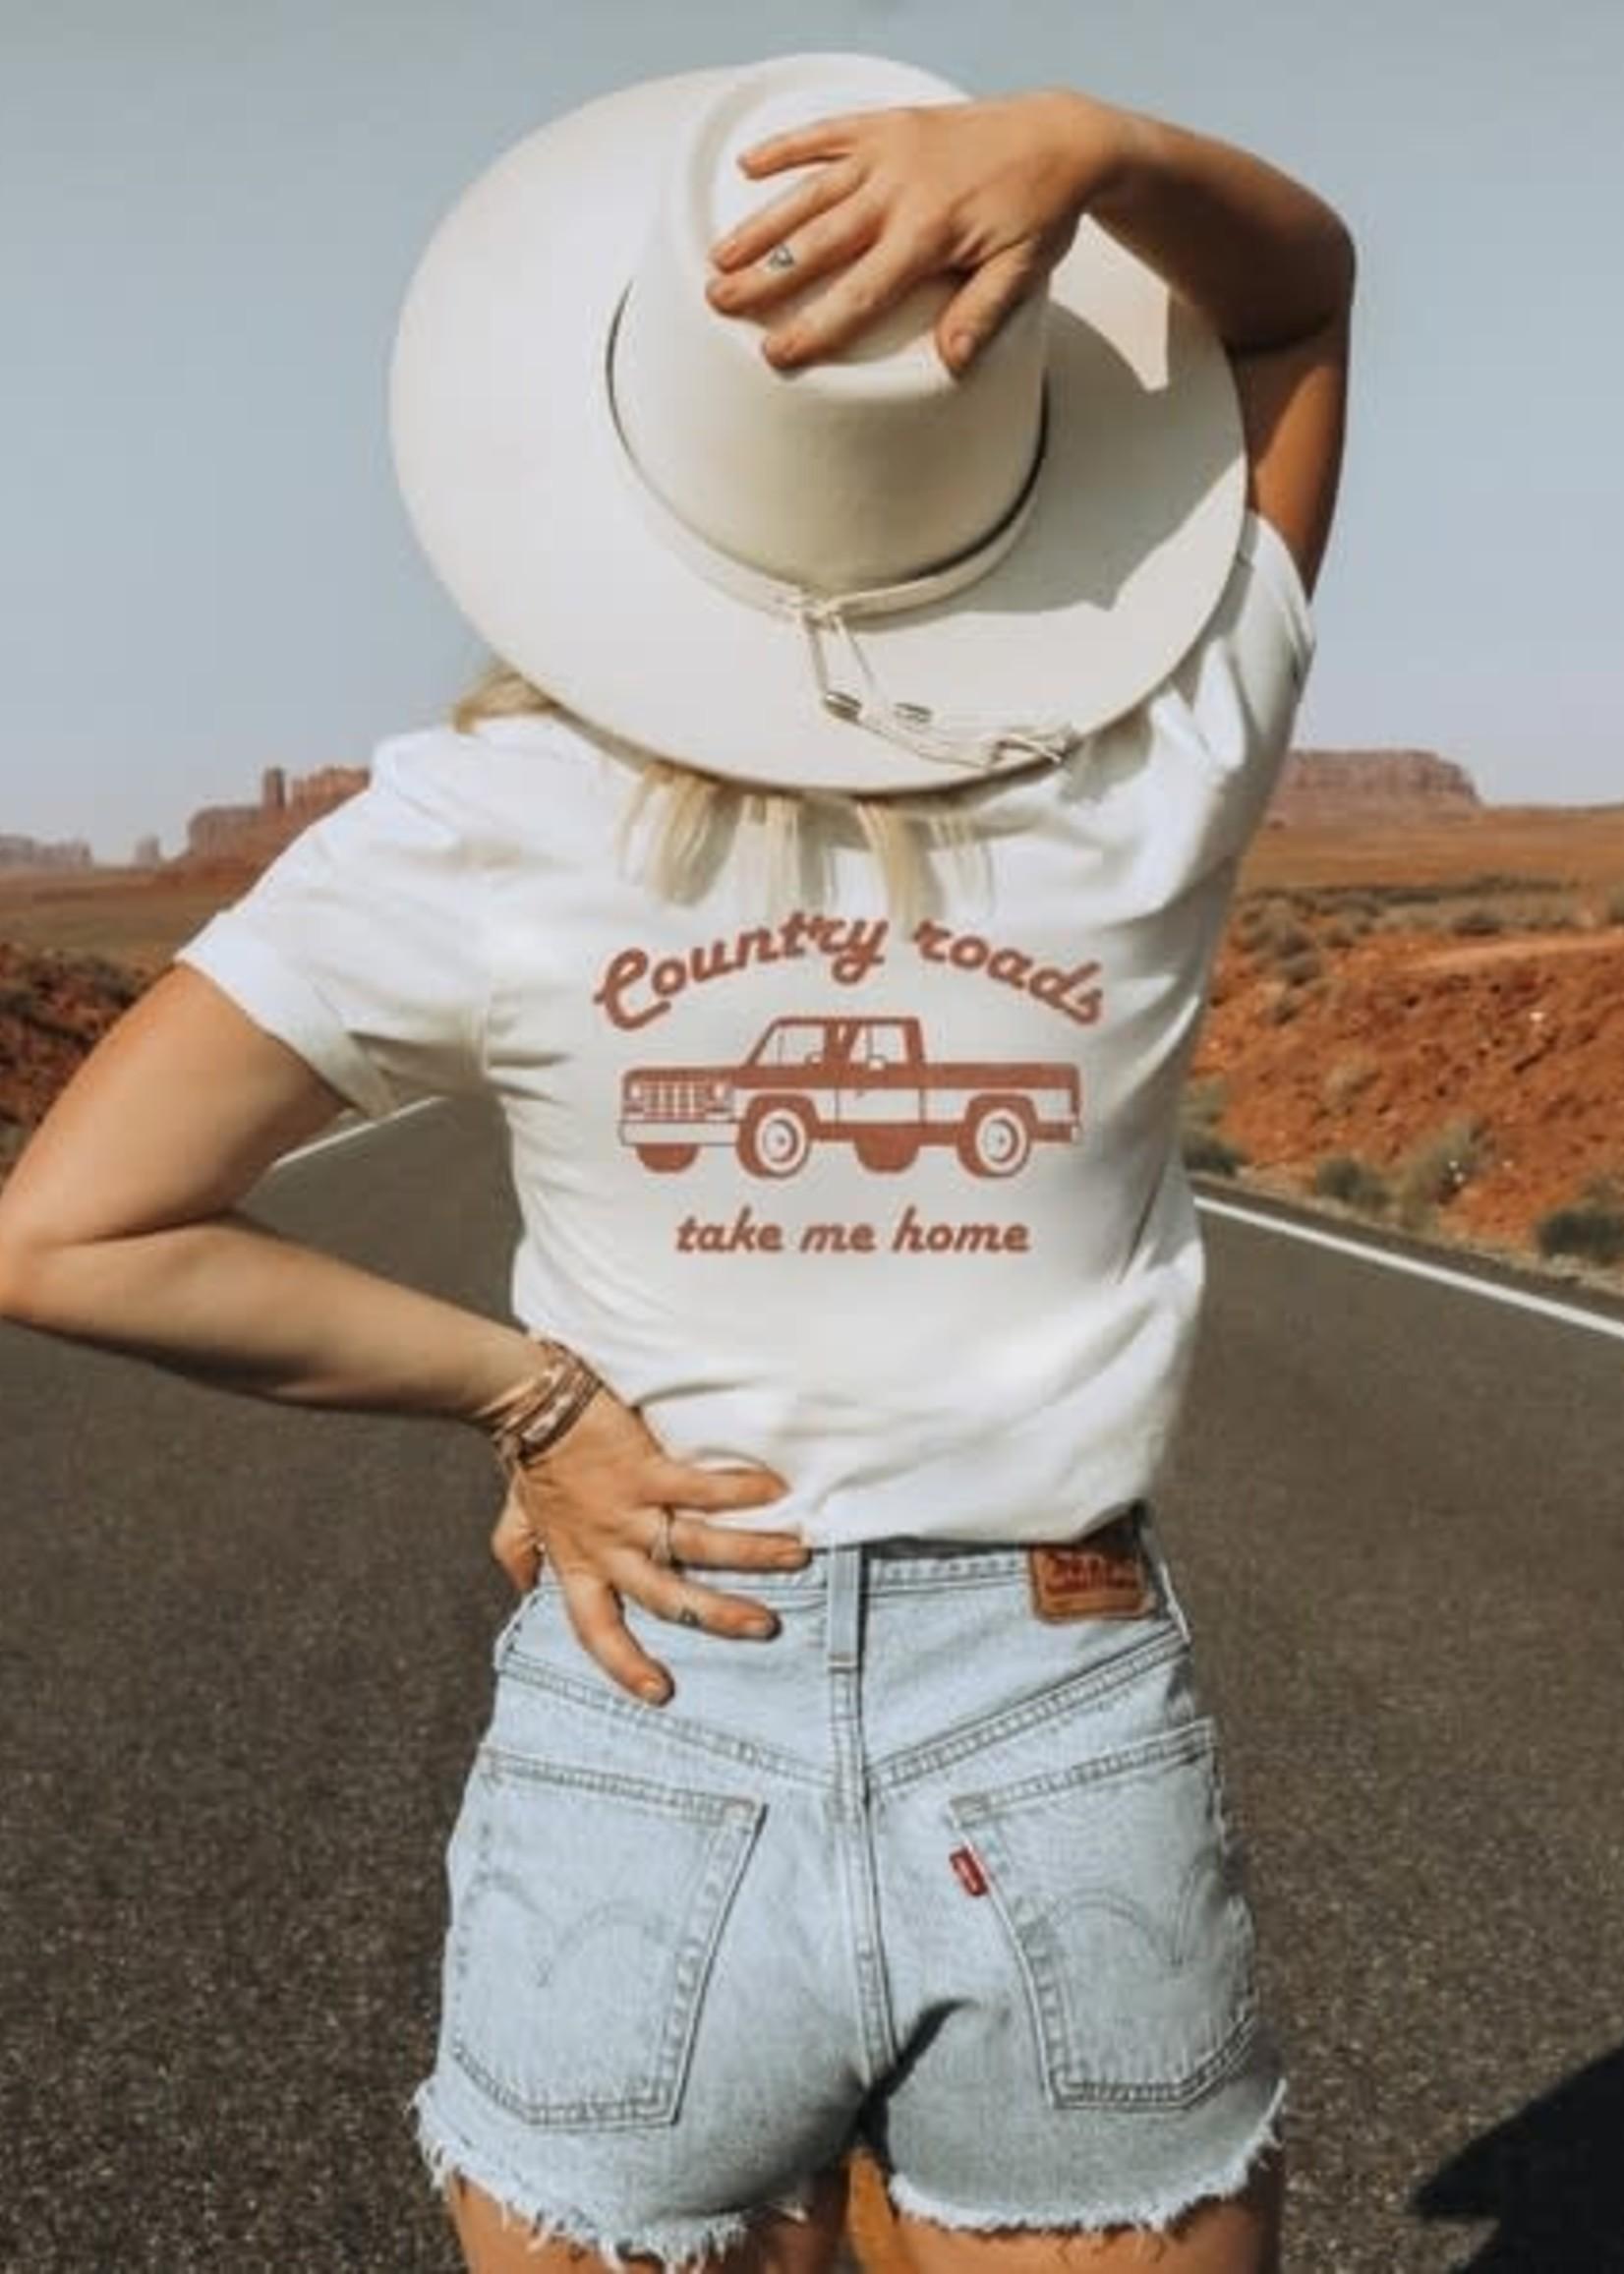 Country Roads Take Me Home Tee